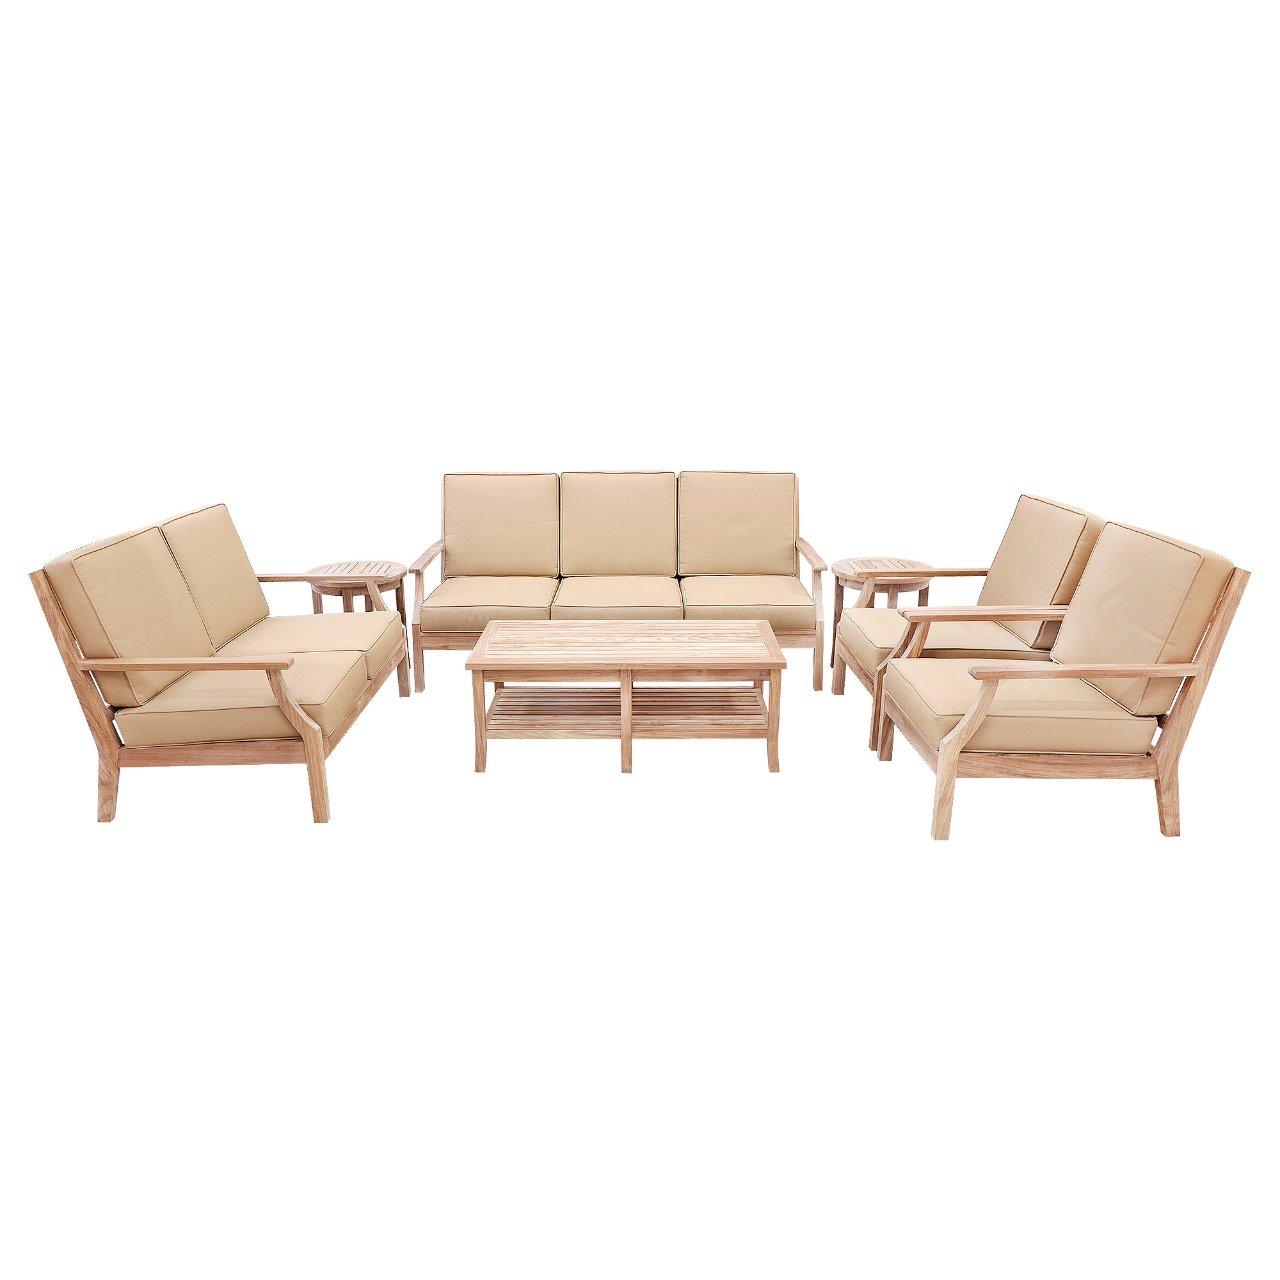 Комплект мебели Cambium De Mar 7 предметов (DM-40-110/DM-40-300/DM-40-100) фото